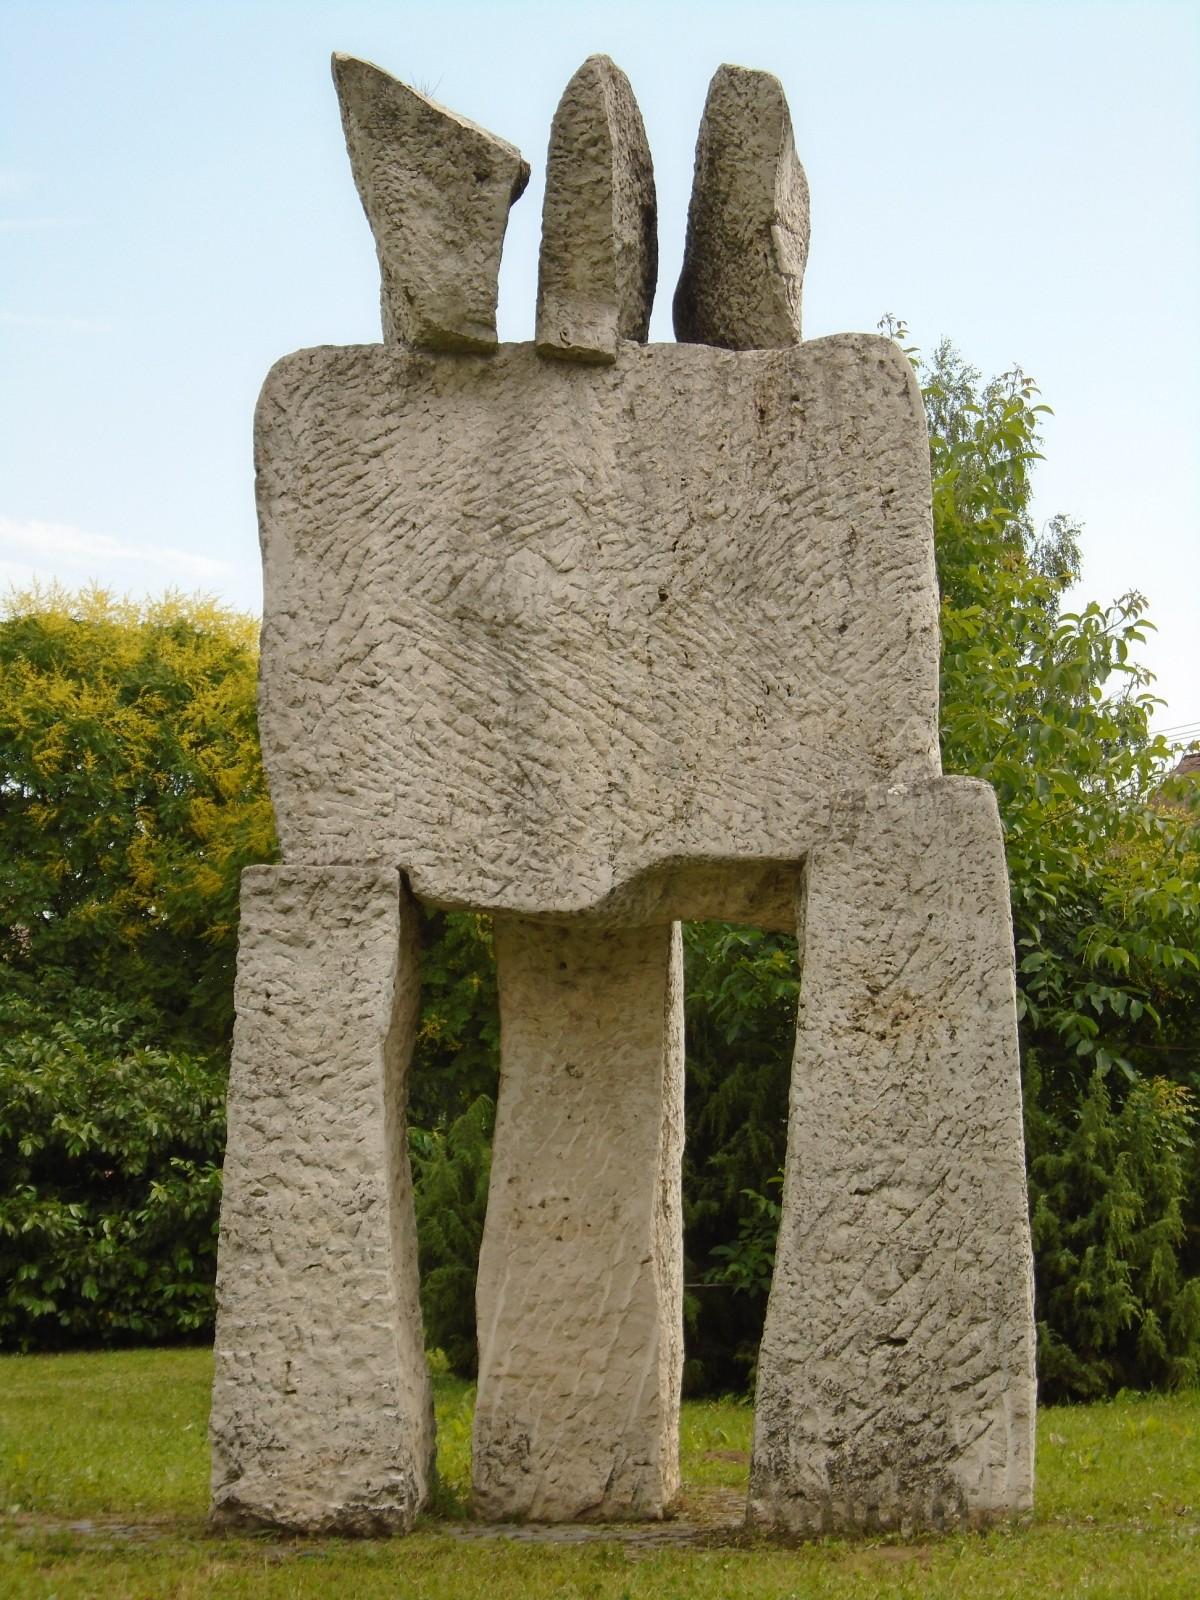 Images Gratuites Paysage Structure Monument Colonne Objet Ouvrages D 39 Art La Tombe